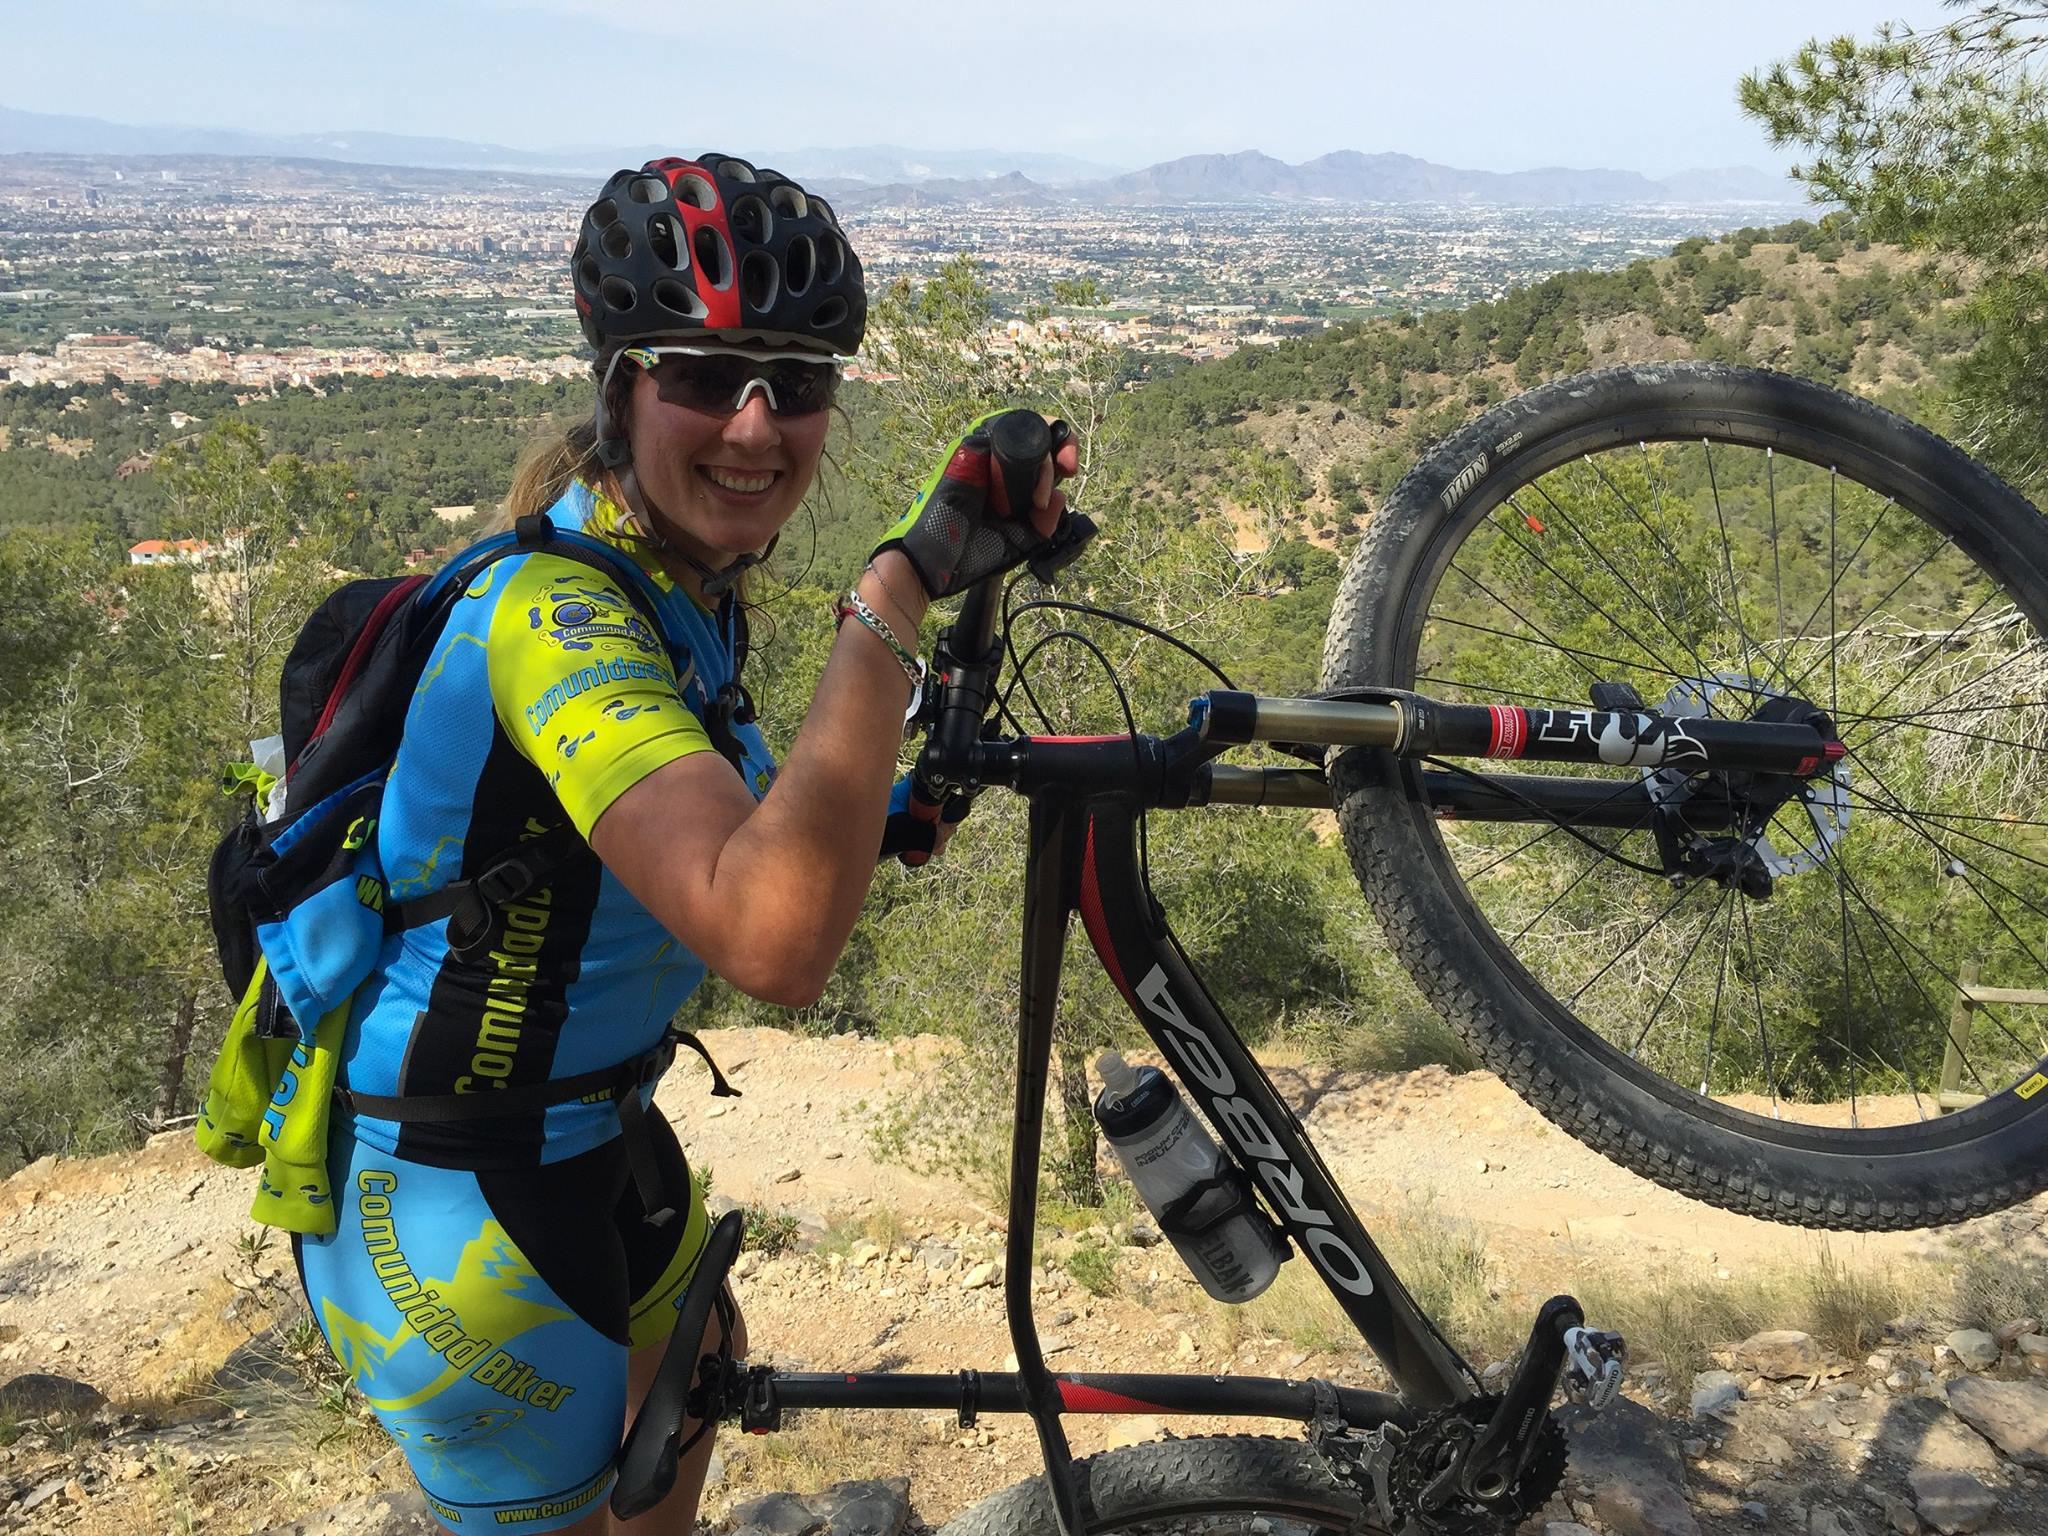 Crónica ruta MTB de viernes por las Columnas del Relojero con la comunitaria Laura